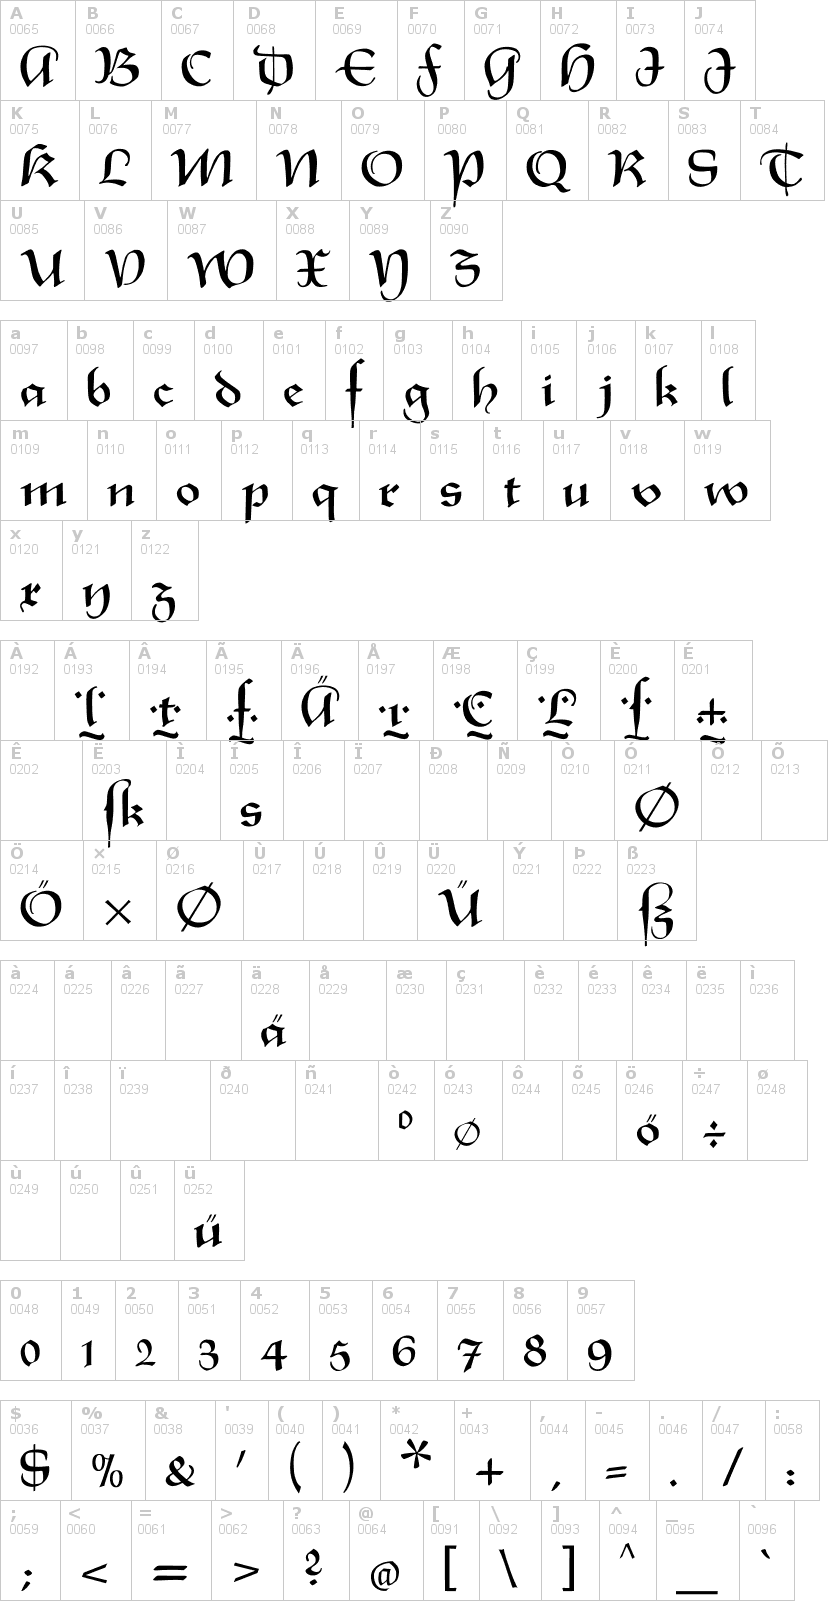 Lettere dell'alfabeto del font xmasterpiece con le quali è possibile realizzare adesivi prespaziati